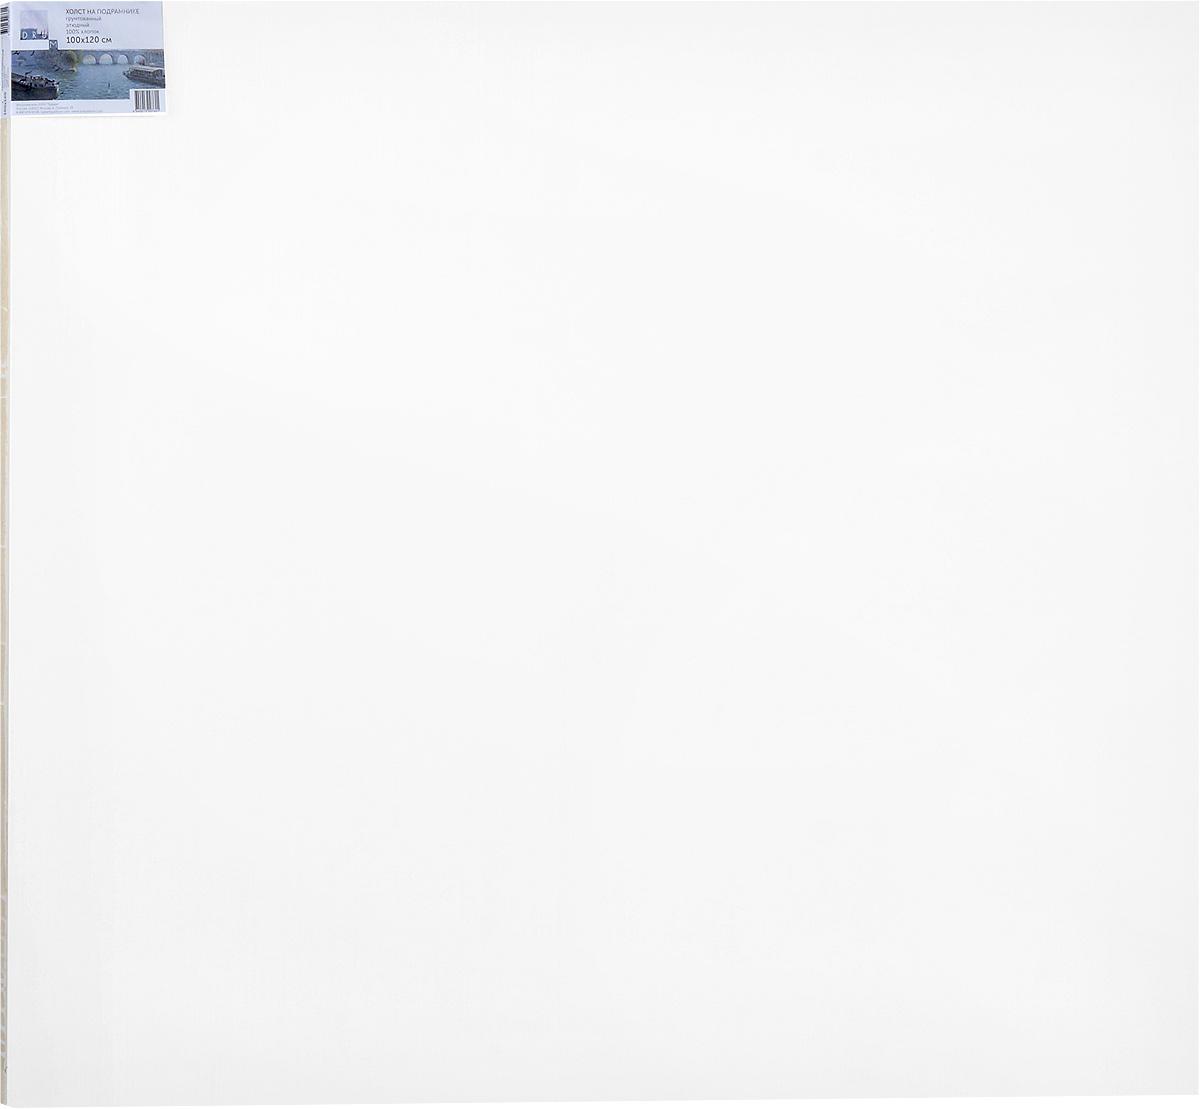 Холст ArtQuaDram Этюдный на подрамнике, грунтованный, 100 х 120 смТ0016102Холст на деревянном подрамнике ArtQuaDram Этюдный изготовлен из 100% натурального хлопка. Подходит для профессионалов и художников. Холст не трескается, не впитывает слишком много краски, цвет краски и качество не изменяются. Холст идеально подходит для масляной и акриловой живописи.